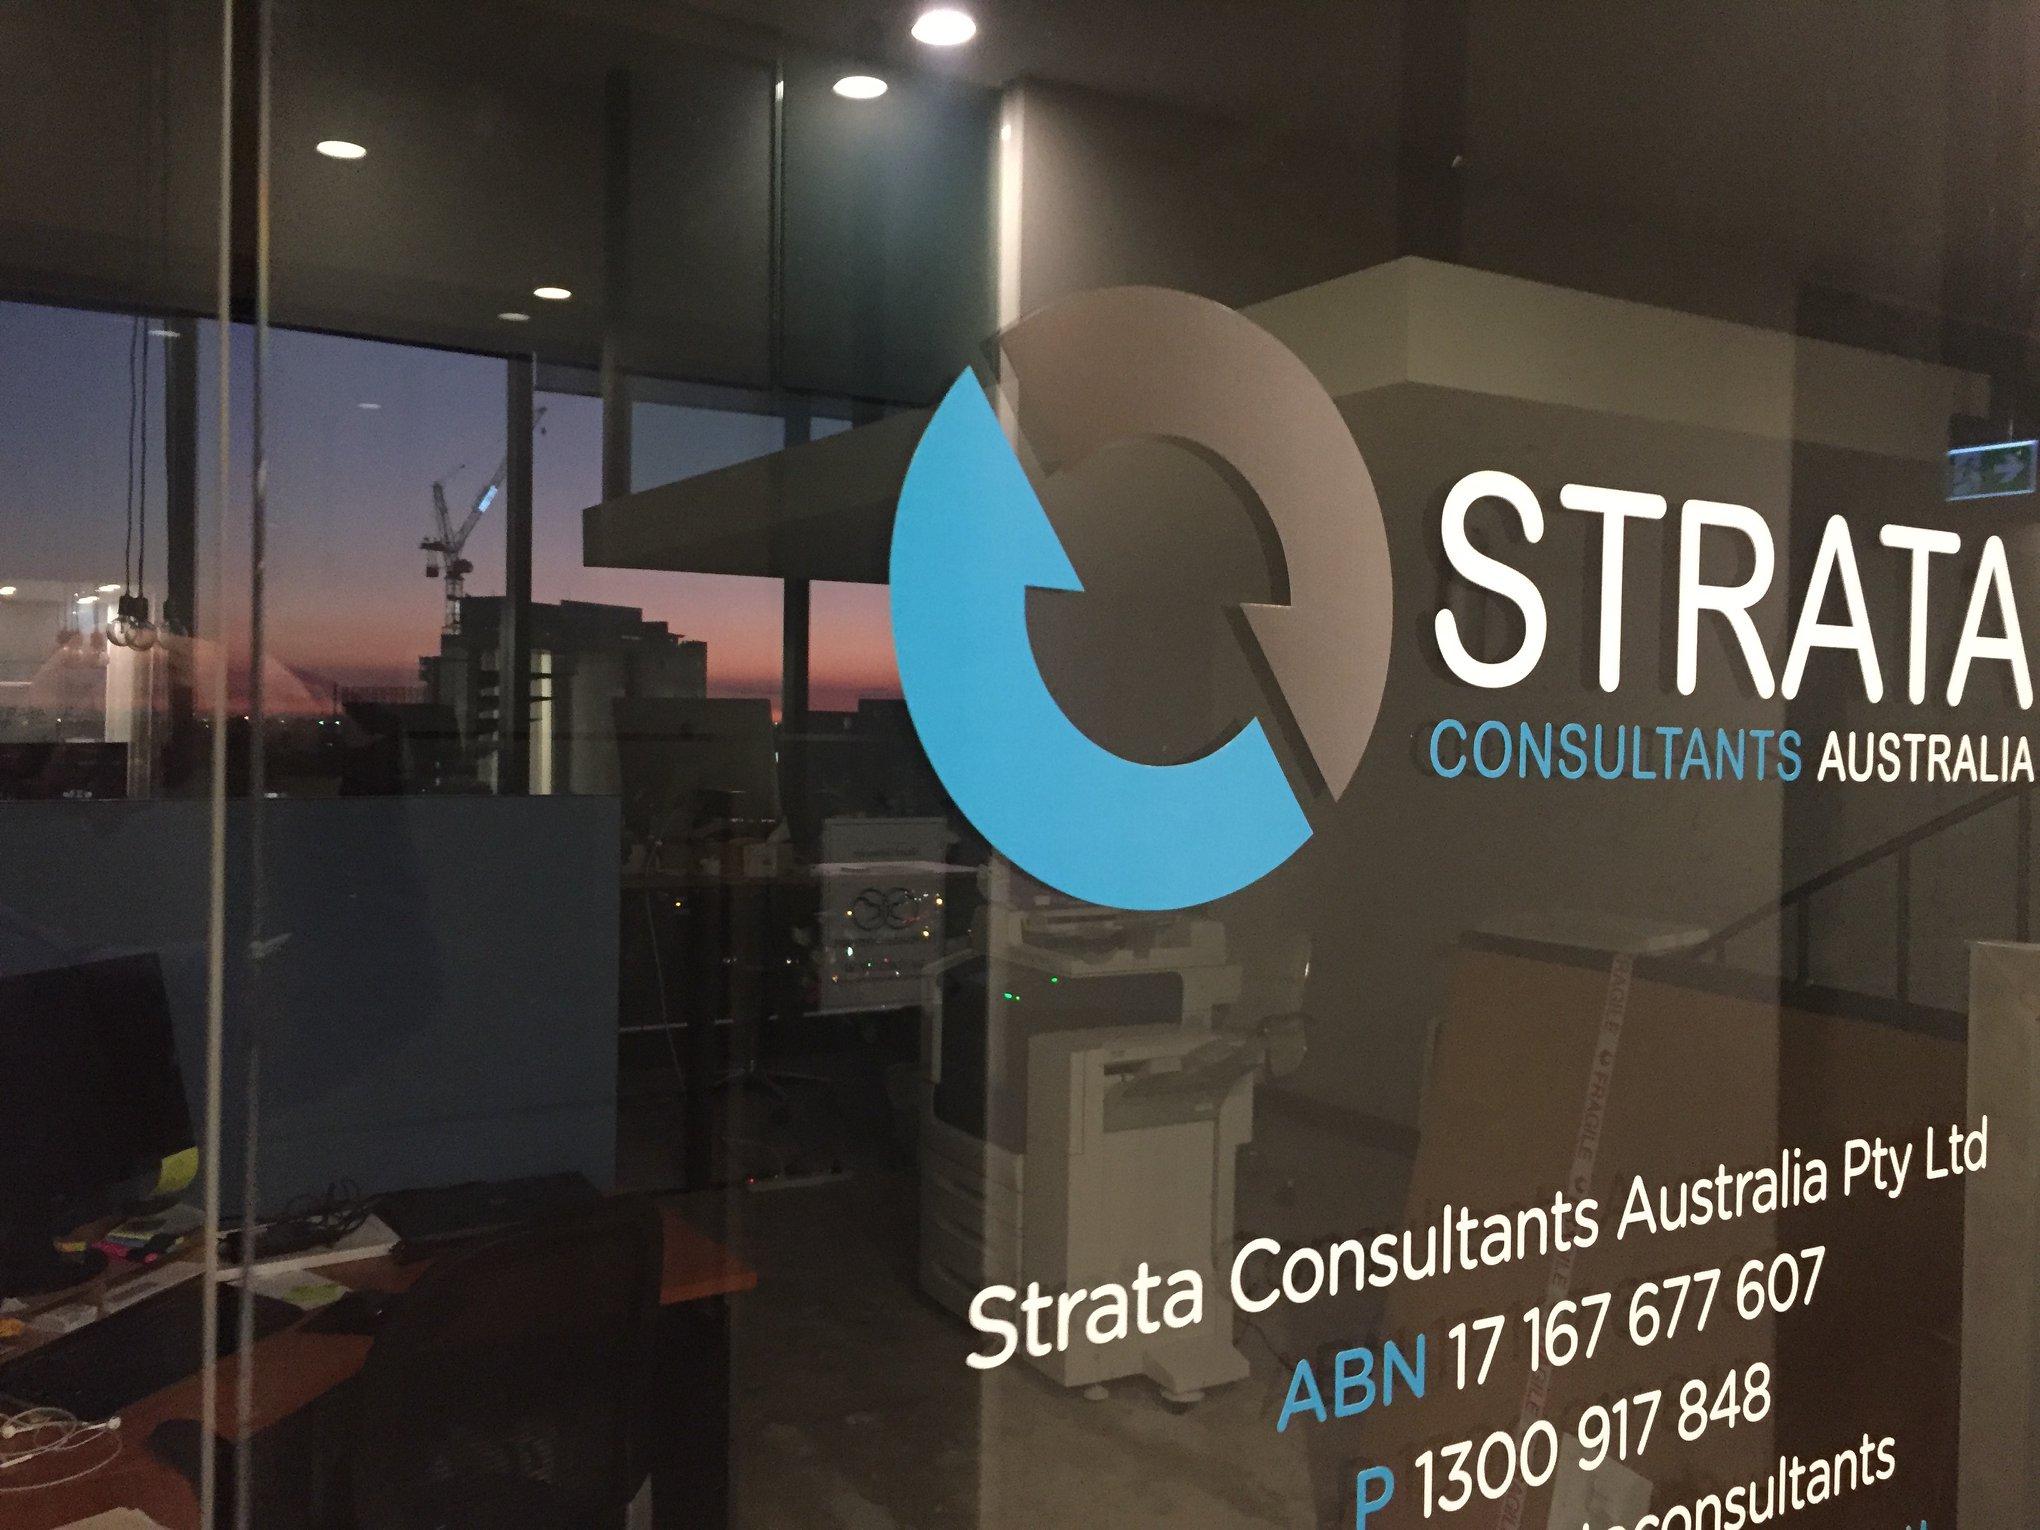 Strata Consultants